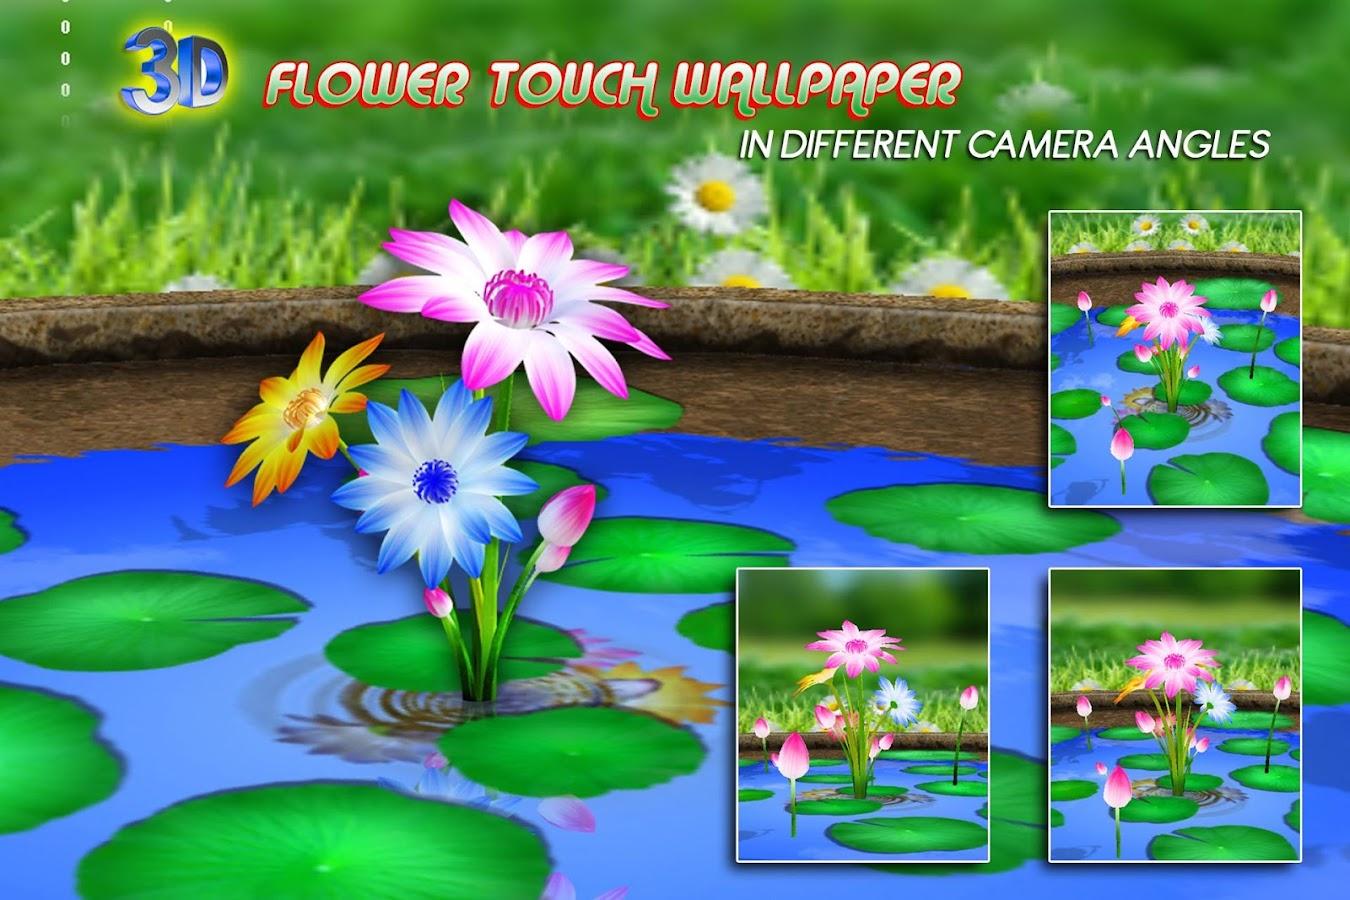 Wallpaper download karne ka app - 3d Flowers Touch Wallpaper Screenshot